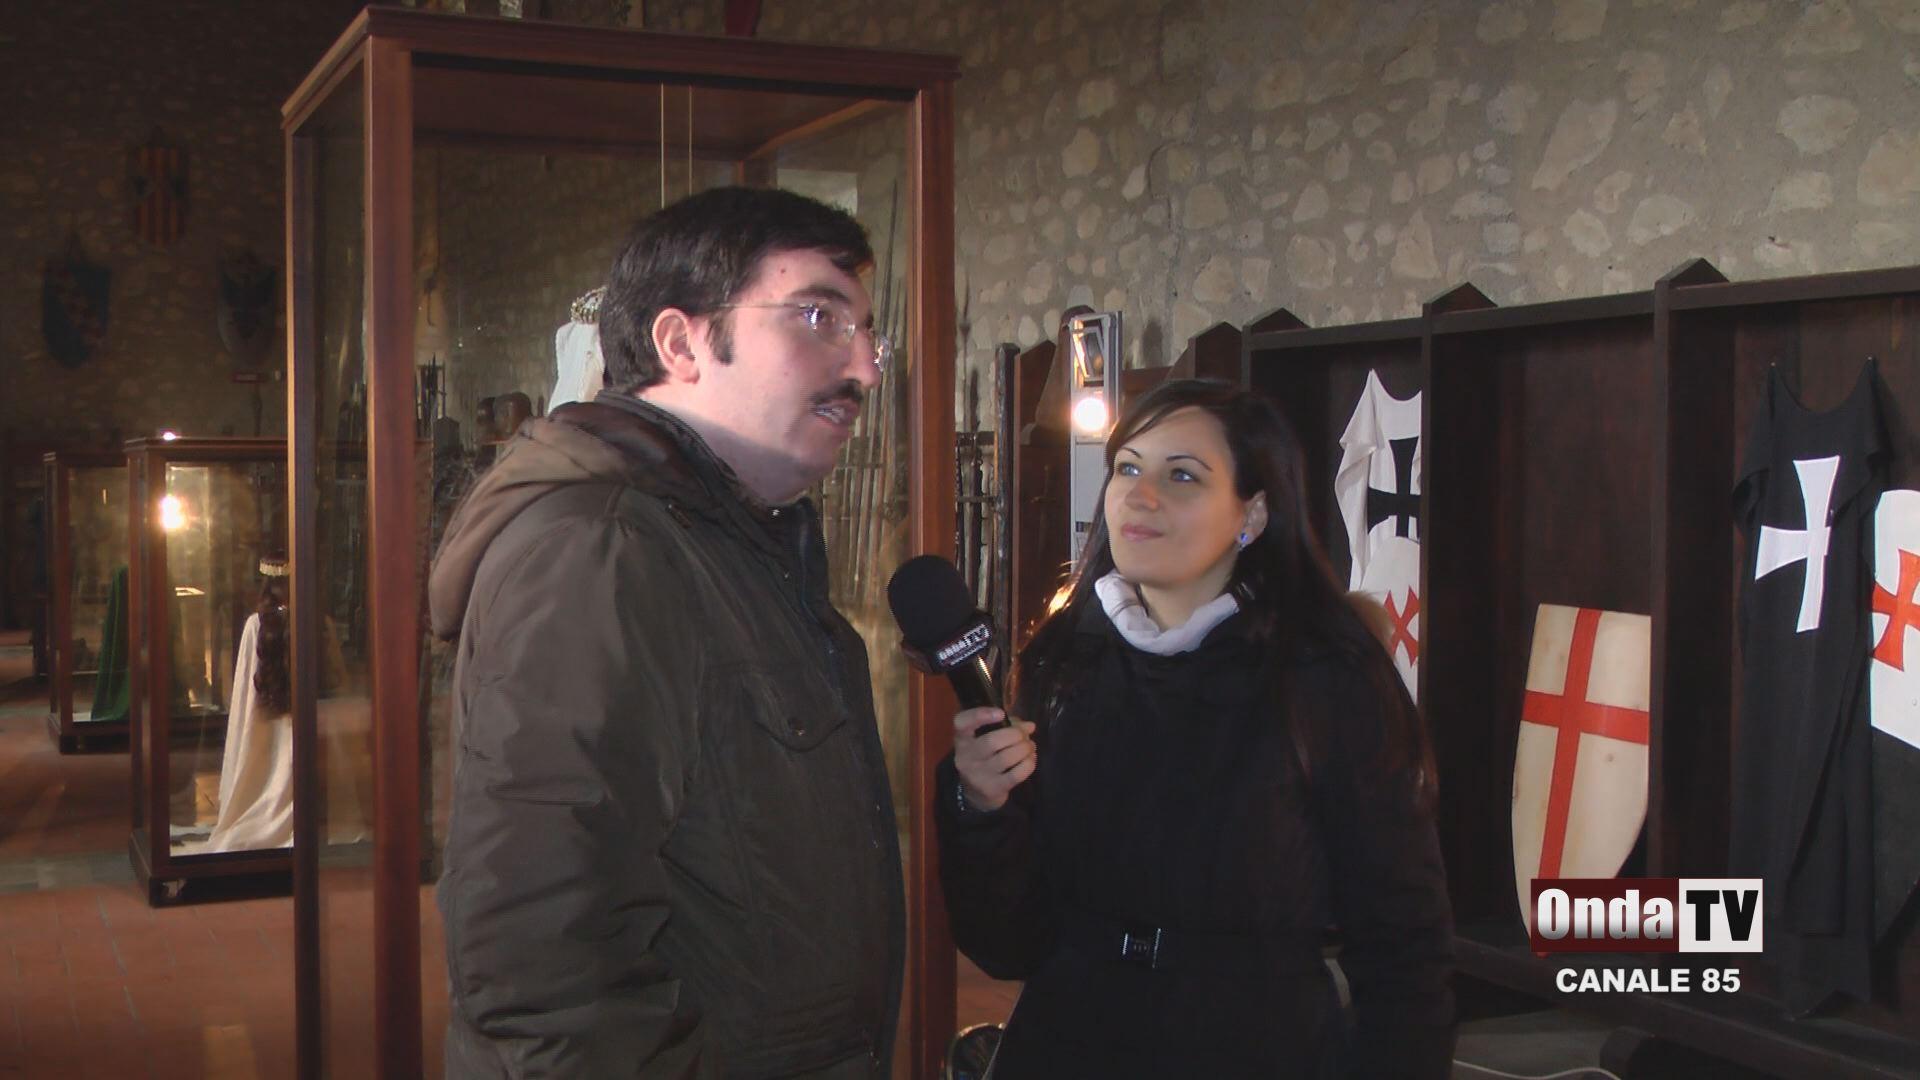 MONTALBANO TRINACRIA FOTO FRANCESCA DURANTE INTERVISTA 1